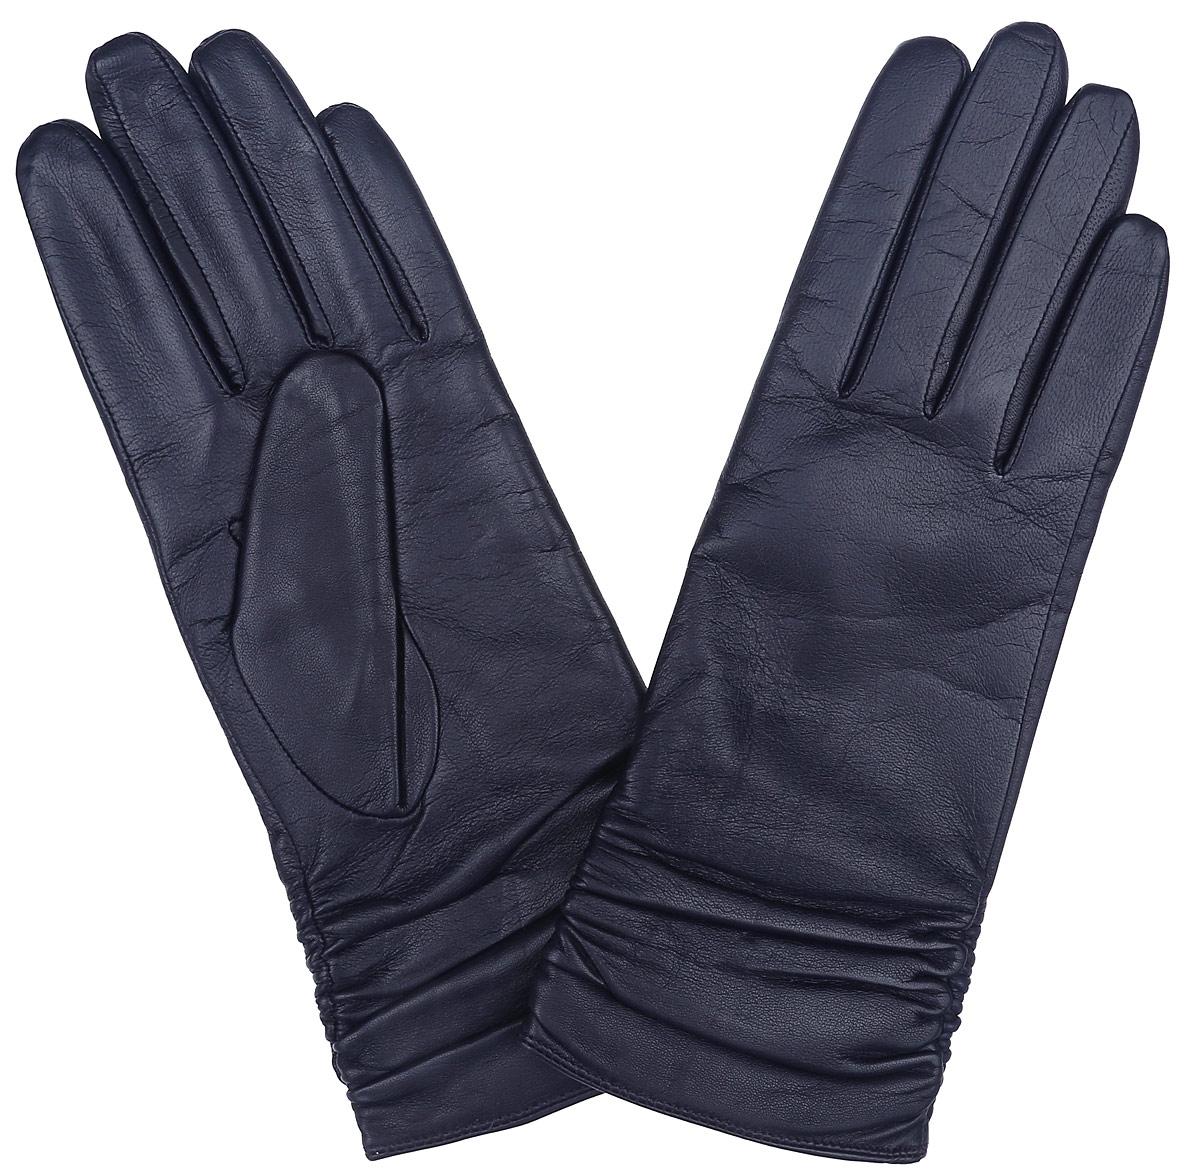 Перчатки женские Labbra, цвет: темно-синий. LB-8228. Размер 6,5LB-8228Классические женские перчатки Labbra не только защитят ваши руки, но и станутвеликолепным украшением. Перчатки выполнены из чрезвычайно мягкой и приятной на ощупь натуральной кожи ягненка, а их подкладка - из натуральной шерсти с добавлением акрила. Модель декорирована сборкой по всей длине манжеты.В настоящее время перчатки являютсянеотъемлемой принадлежностью одежды, вместе с этим аксессуаром выобретаете женственность и элегантность. Перчатки станут завершающим иподчеркивающим элементом вашего стиля и неповторимости.